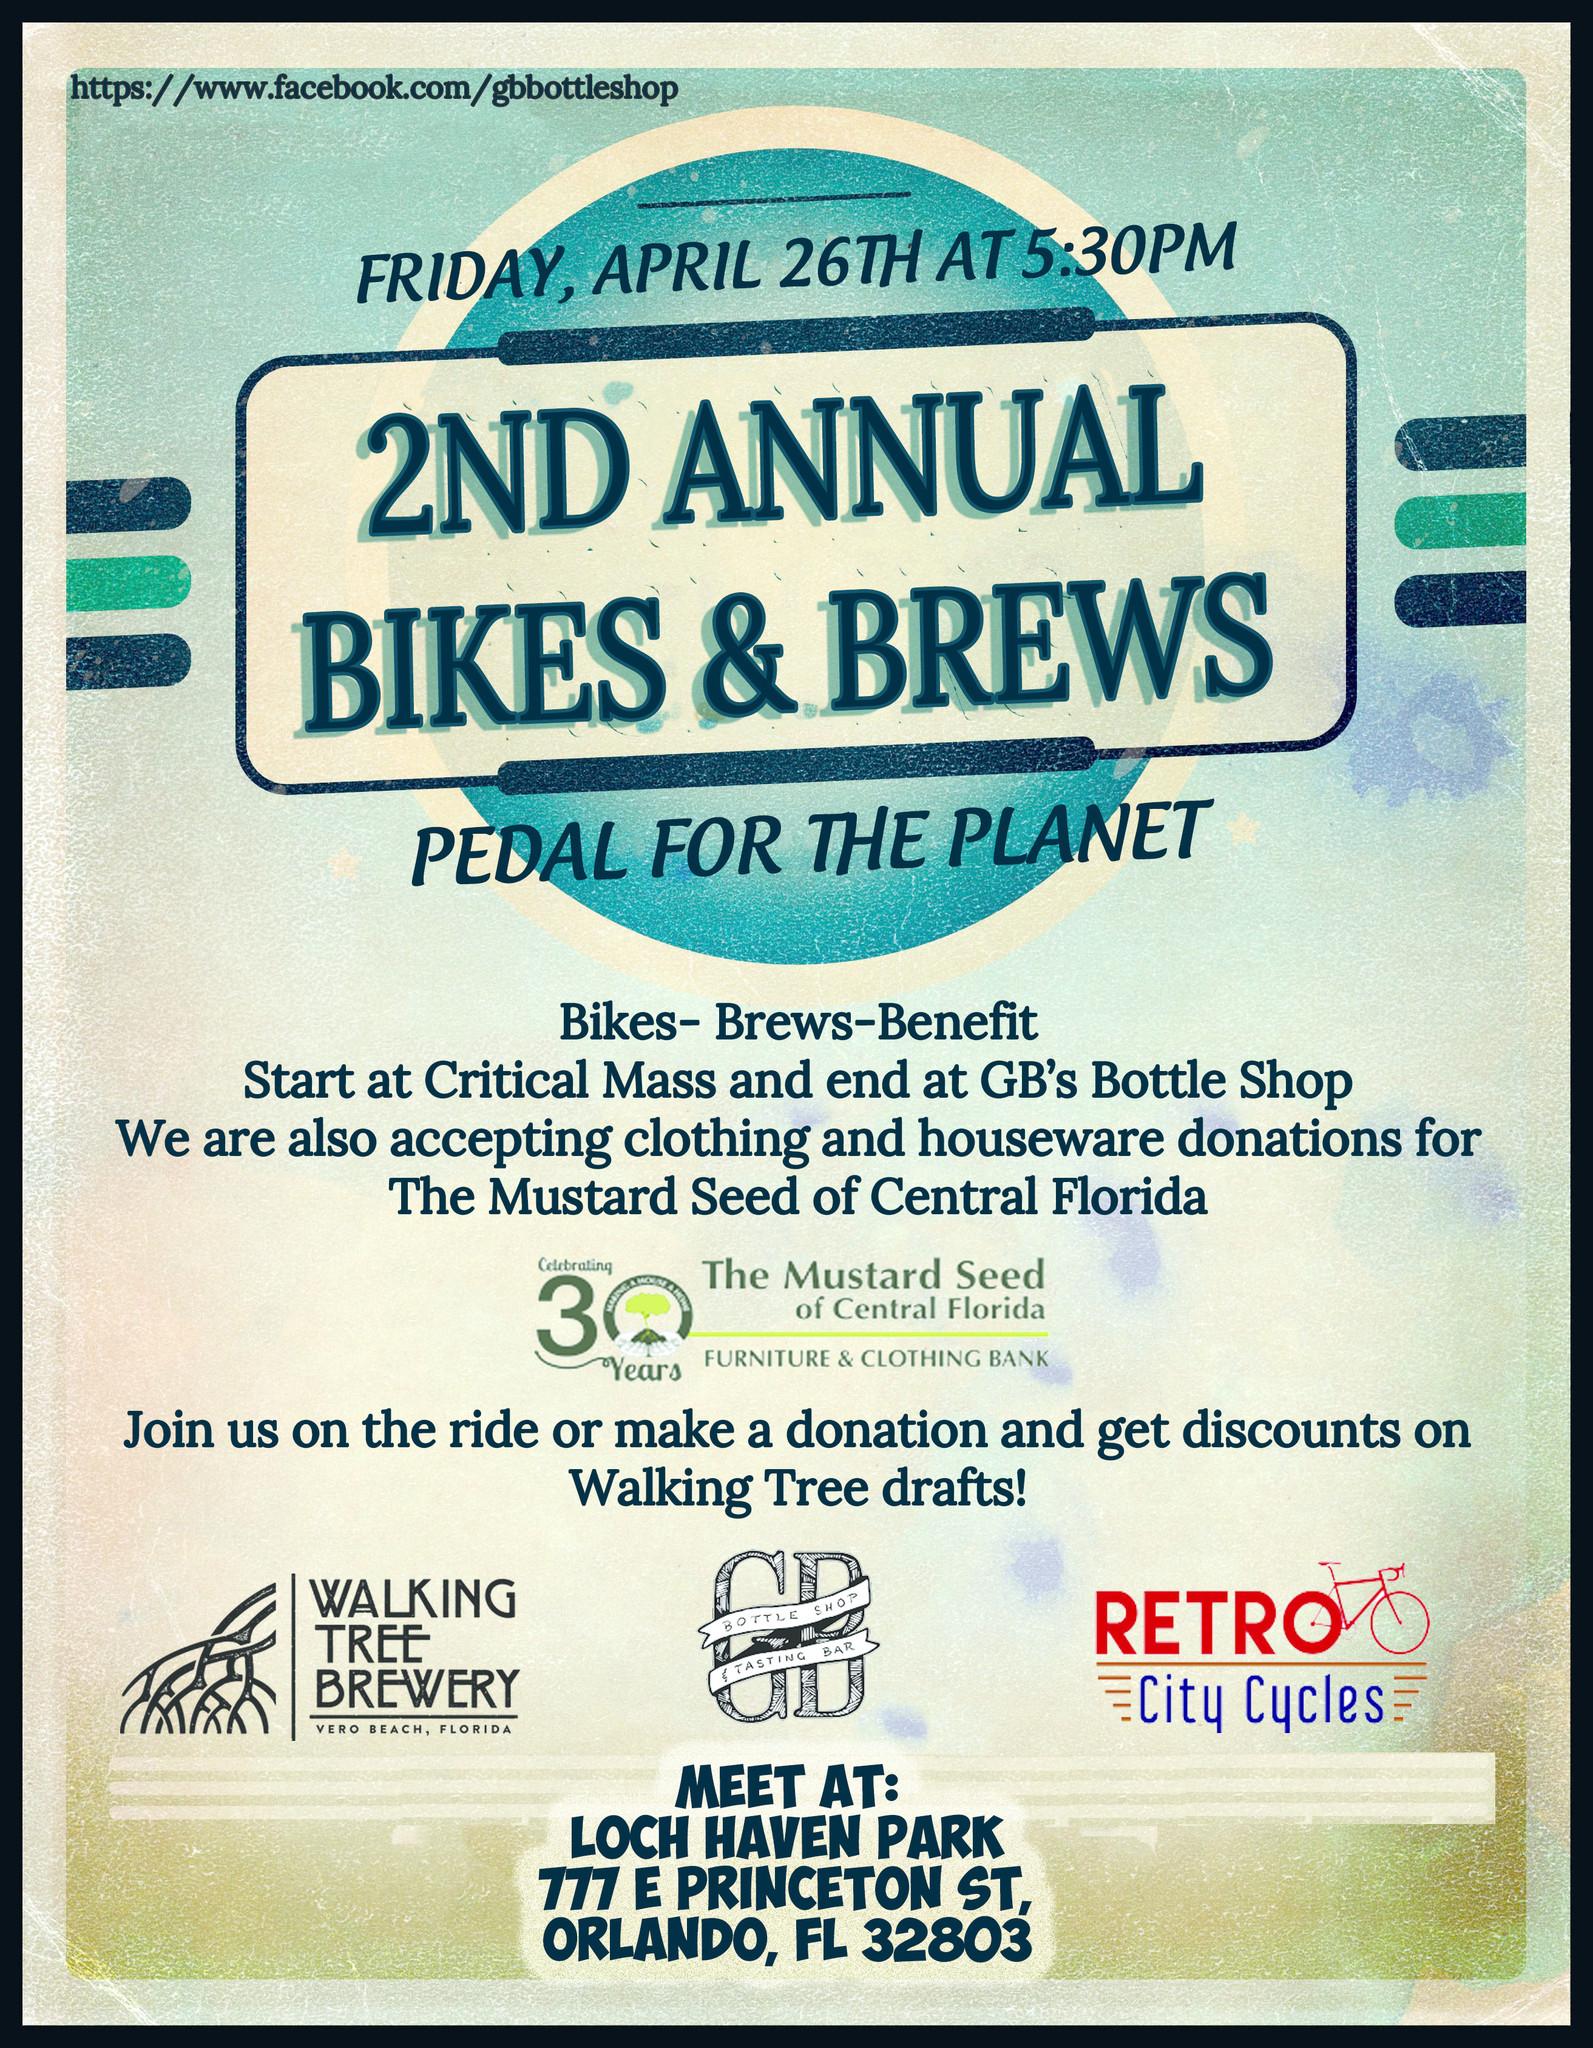 2nd Annual Bikes & Brews!